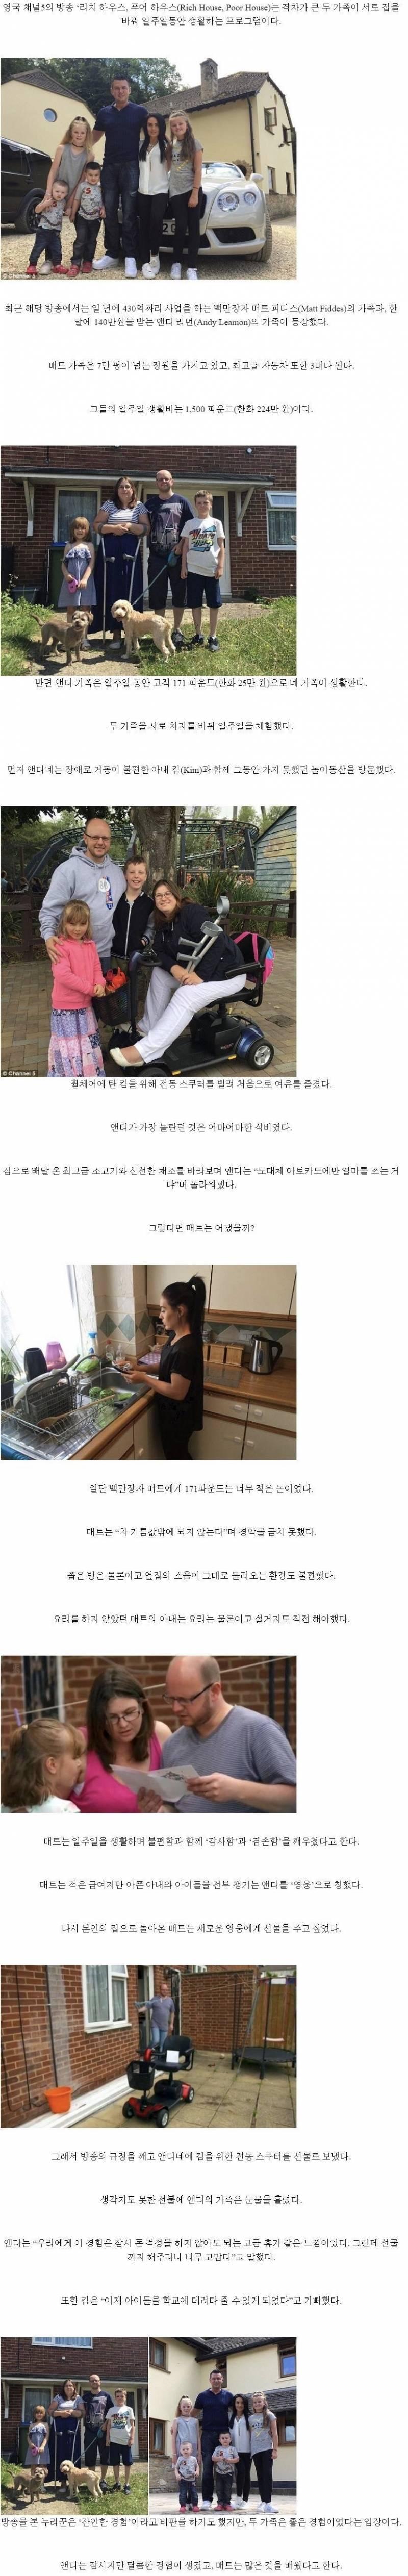 금수저와 흙수저 집 바꿔서 일주일 생활하는 영국 예능.jpg | 인스티즈